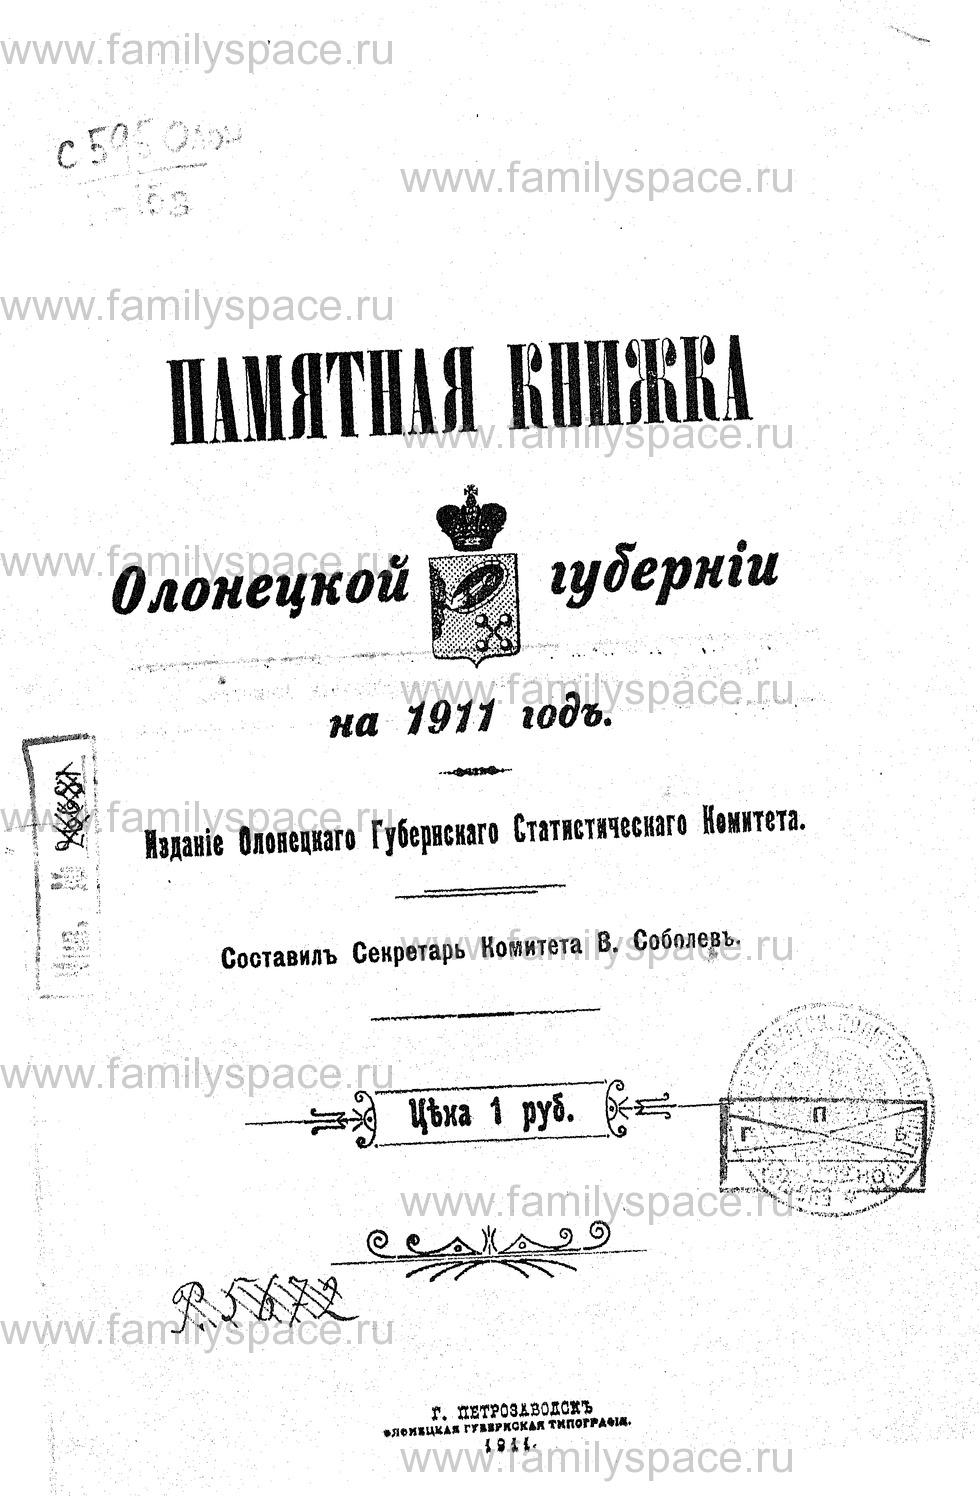 Поиск по фамилии - Памятная книжка Олонецкой губернии на 1911 г, страница 1